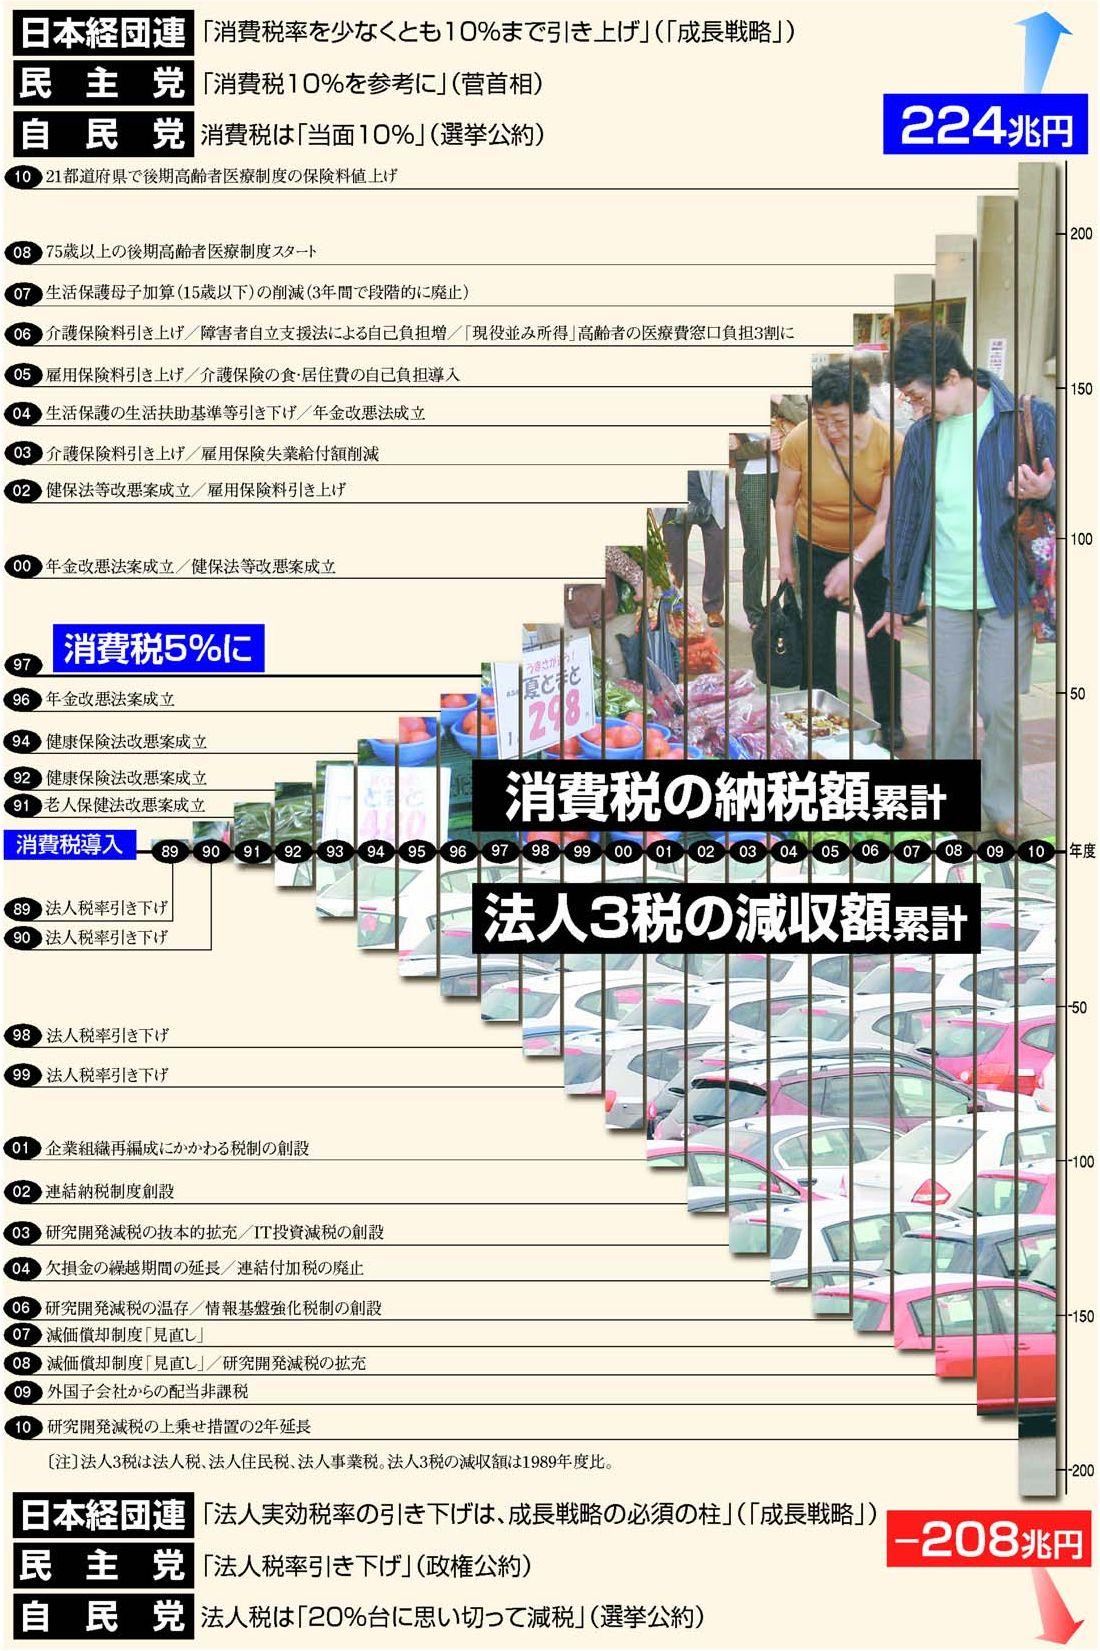 [日]大企業減税の穴埋めに消えた消費税(詳細)